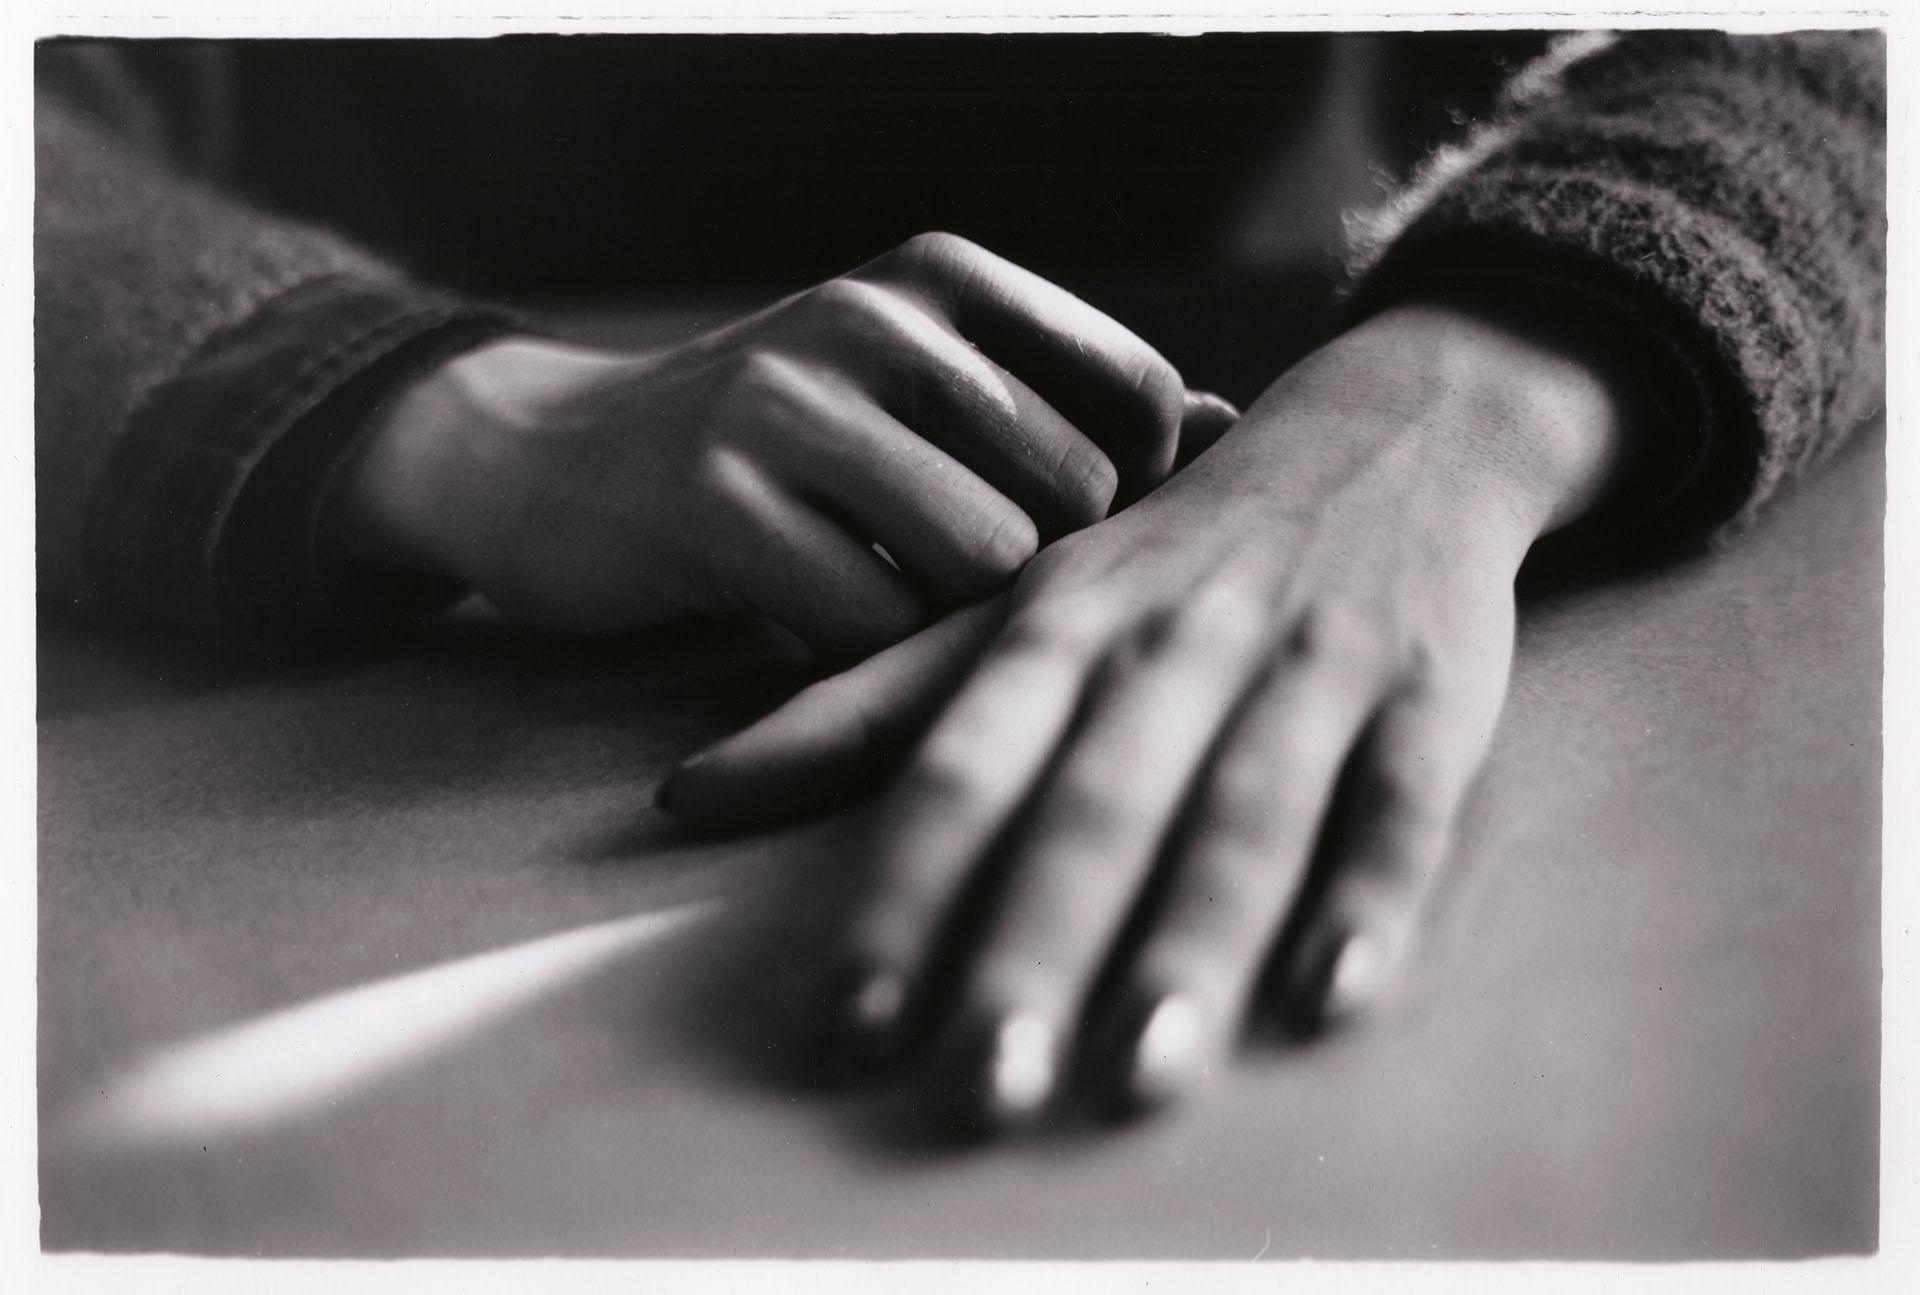 Erik's Hands    NJ, 2015